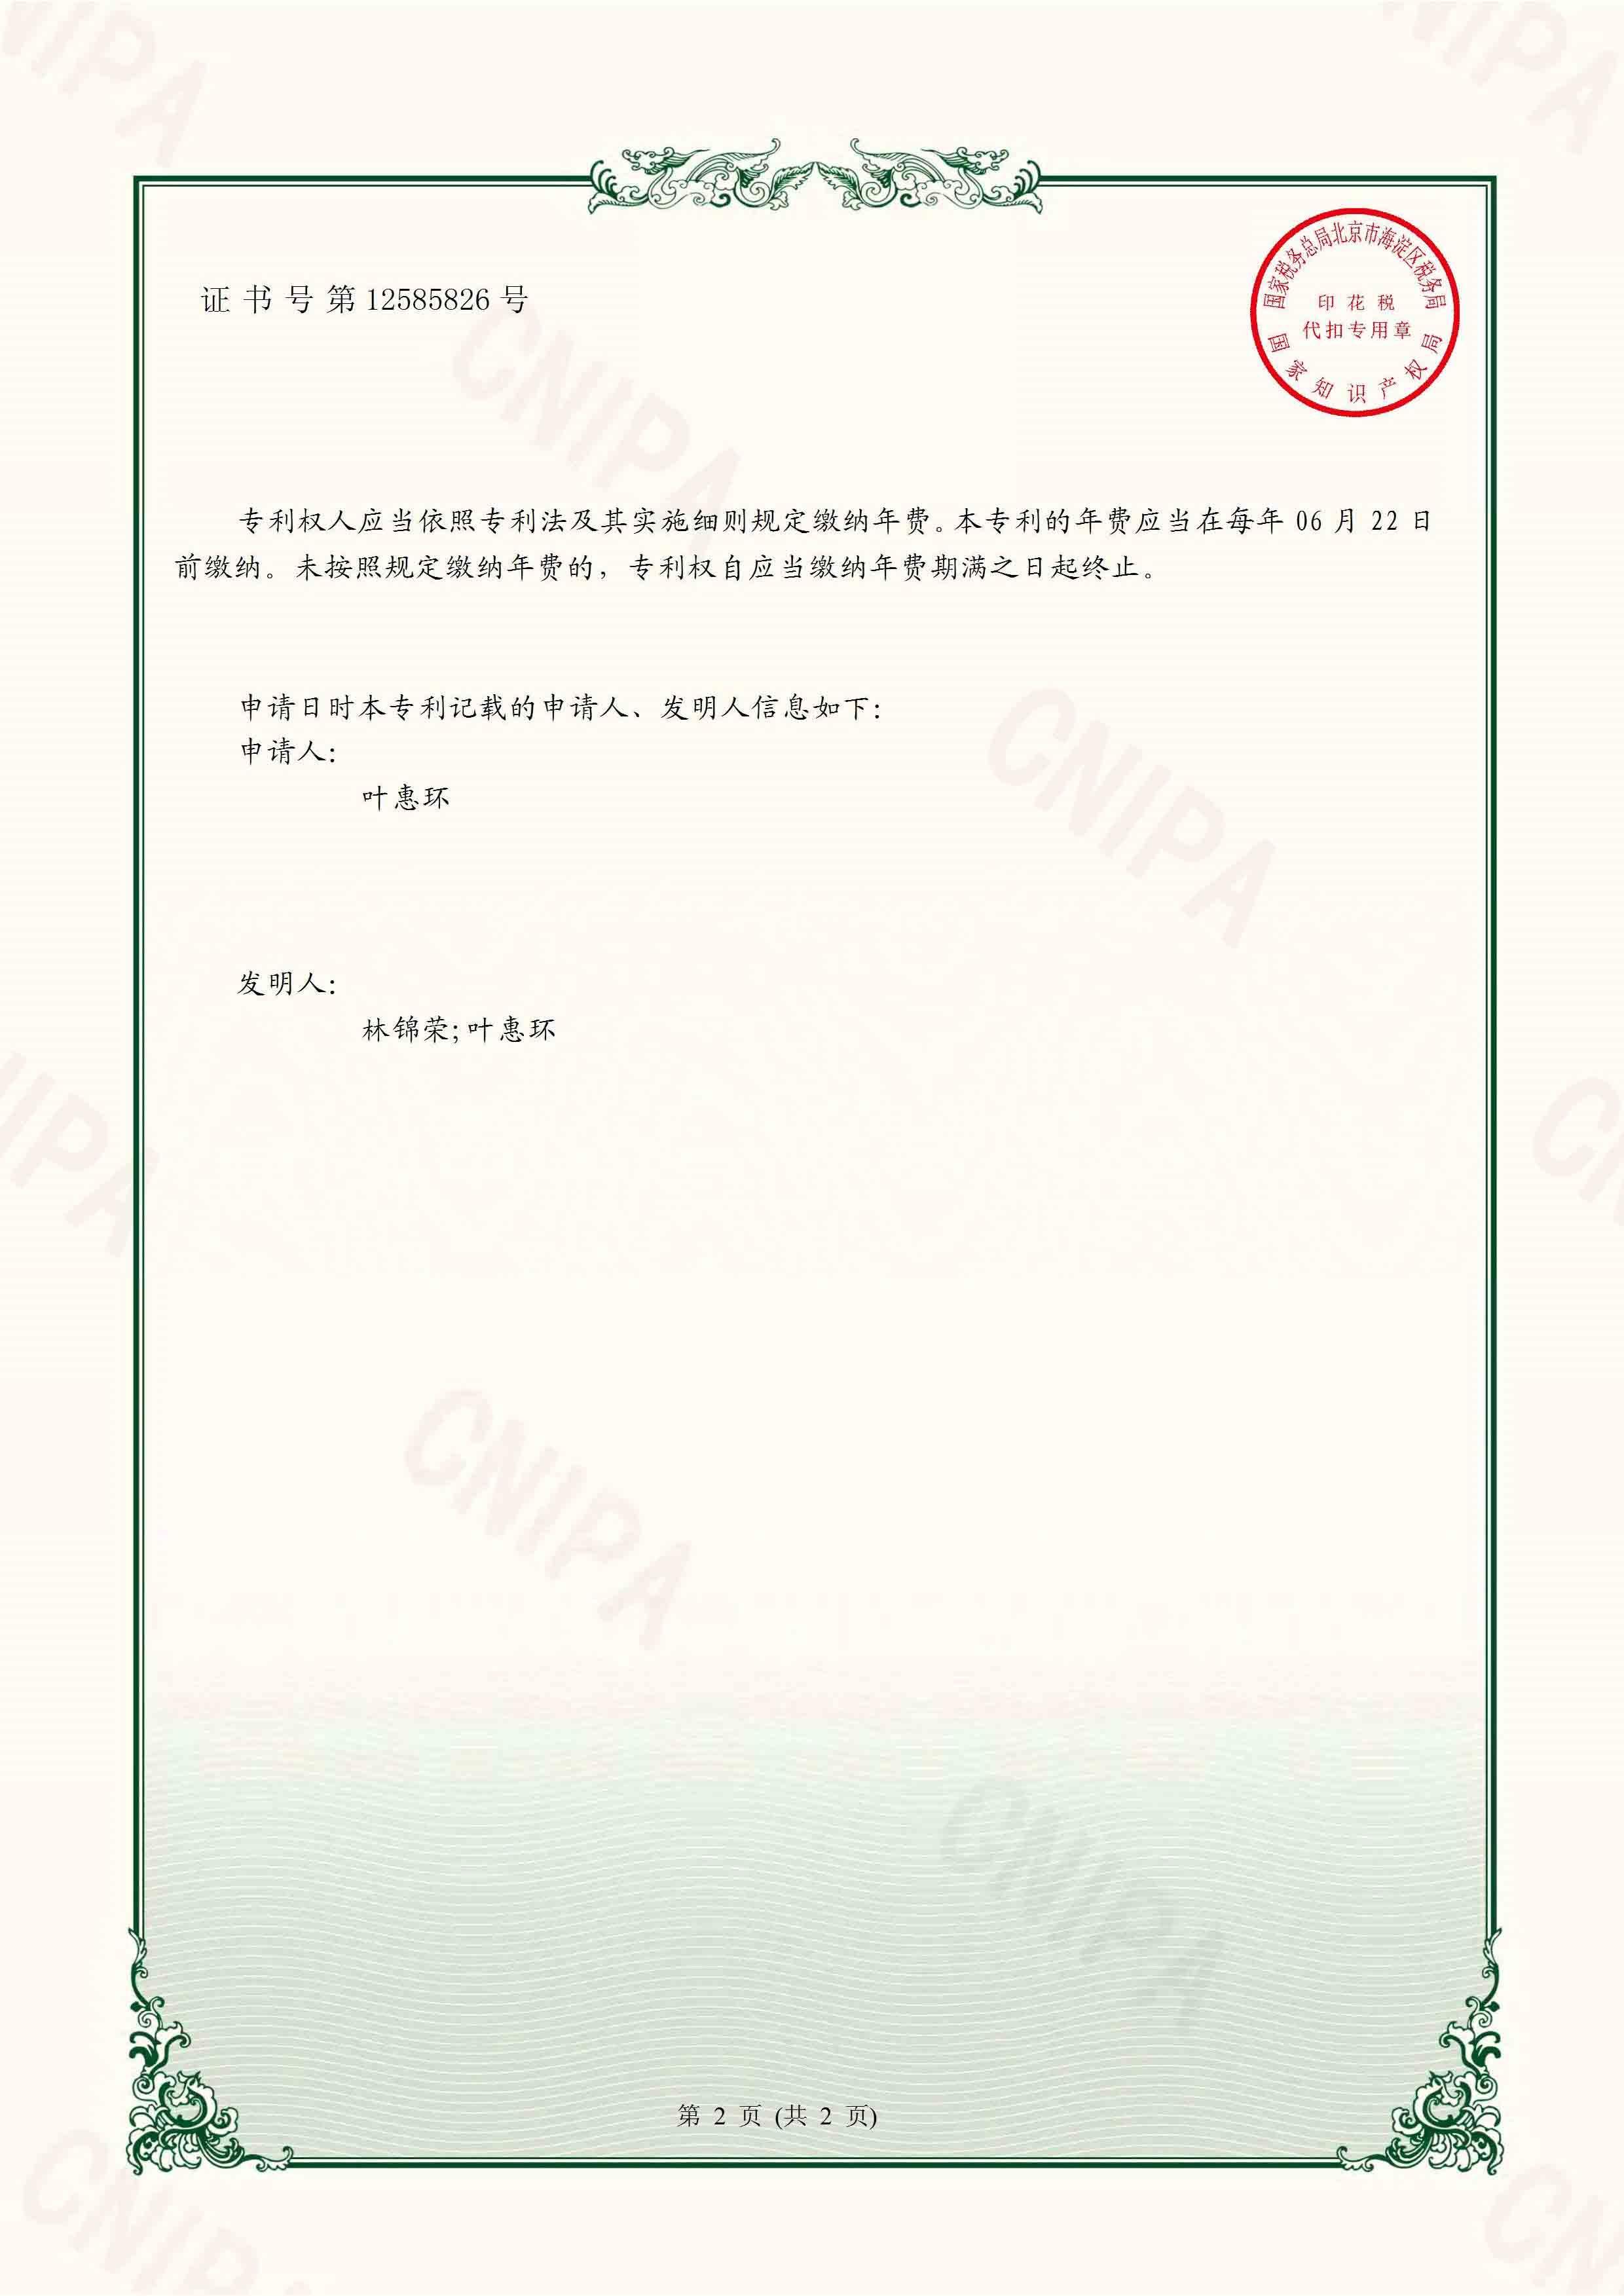 润道通环保新型专利证书